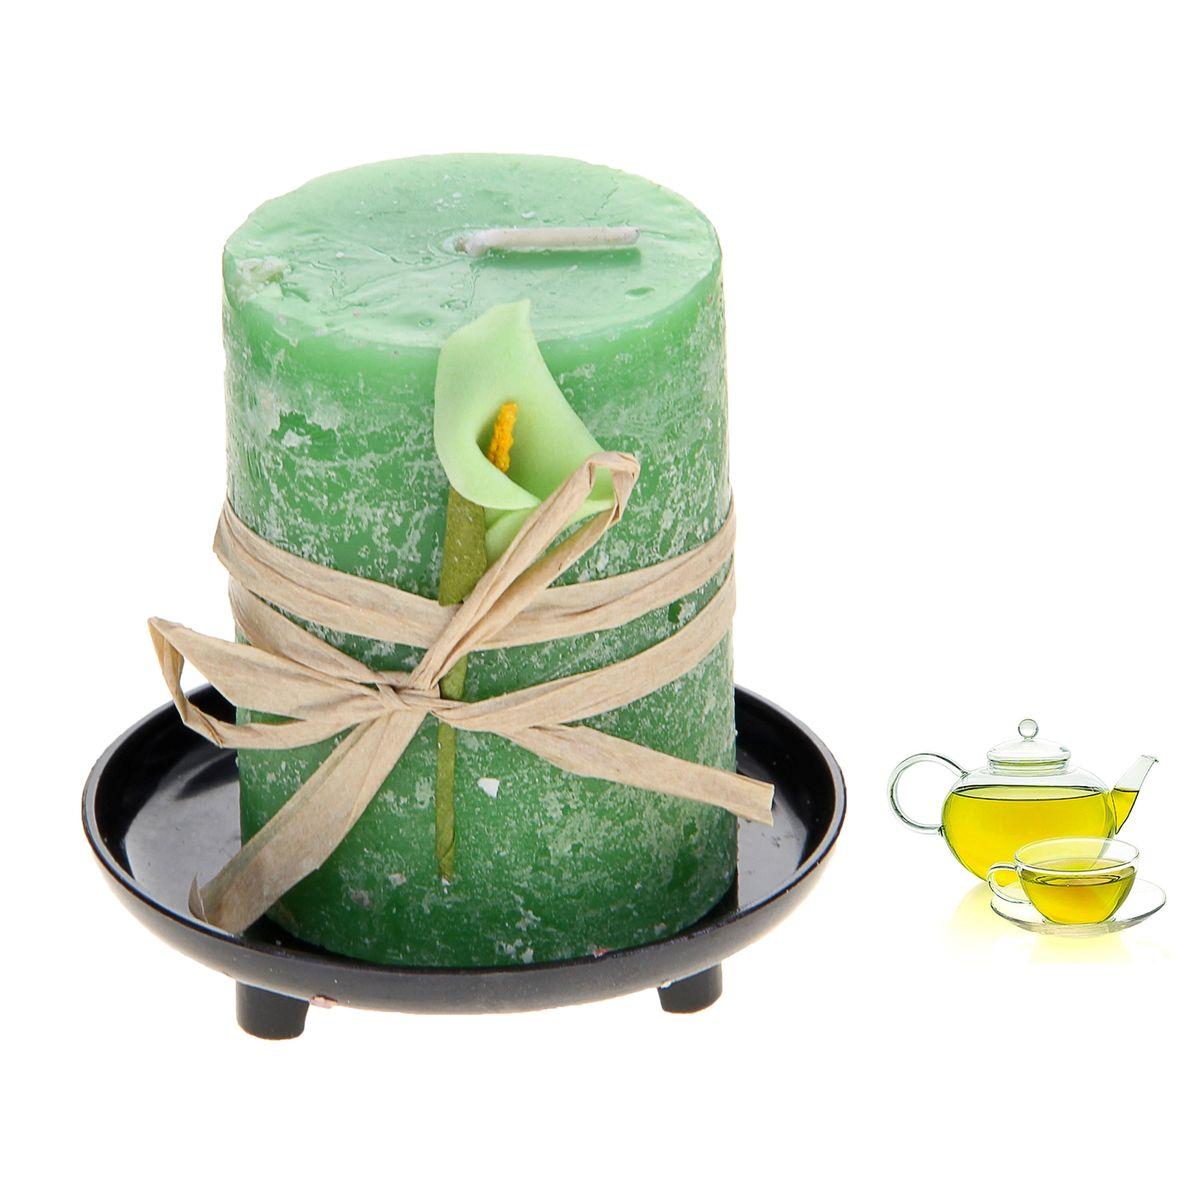 Свеча ароматизированная Sima-land Зеленый чай, на подставке, высота 6 см907695Свеча Sima-land Зеленый чай выполнена из воска в виде столбика. Свеча порадует ярким дизайном и насыщенным ароматом зеленого чая, который понравится как женщинам, так и мужчинам. Изделие размещено на оригинальной пластиковой подставке. Создайте для себя и своих близких незабываемую атмосферу праздника в доме. Ароматическая свеча Sima-land Зеленый чай раскрасит серые будни яркими красками. Высота свечи (без учета подставки): 6 см. Высота подставки: 1,5 см.